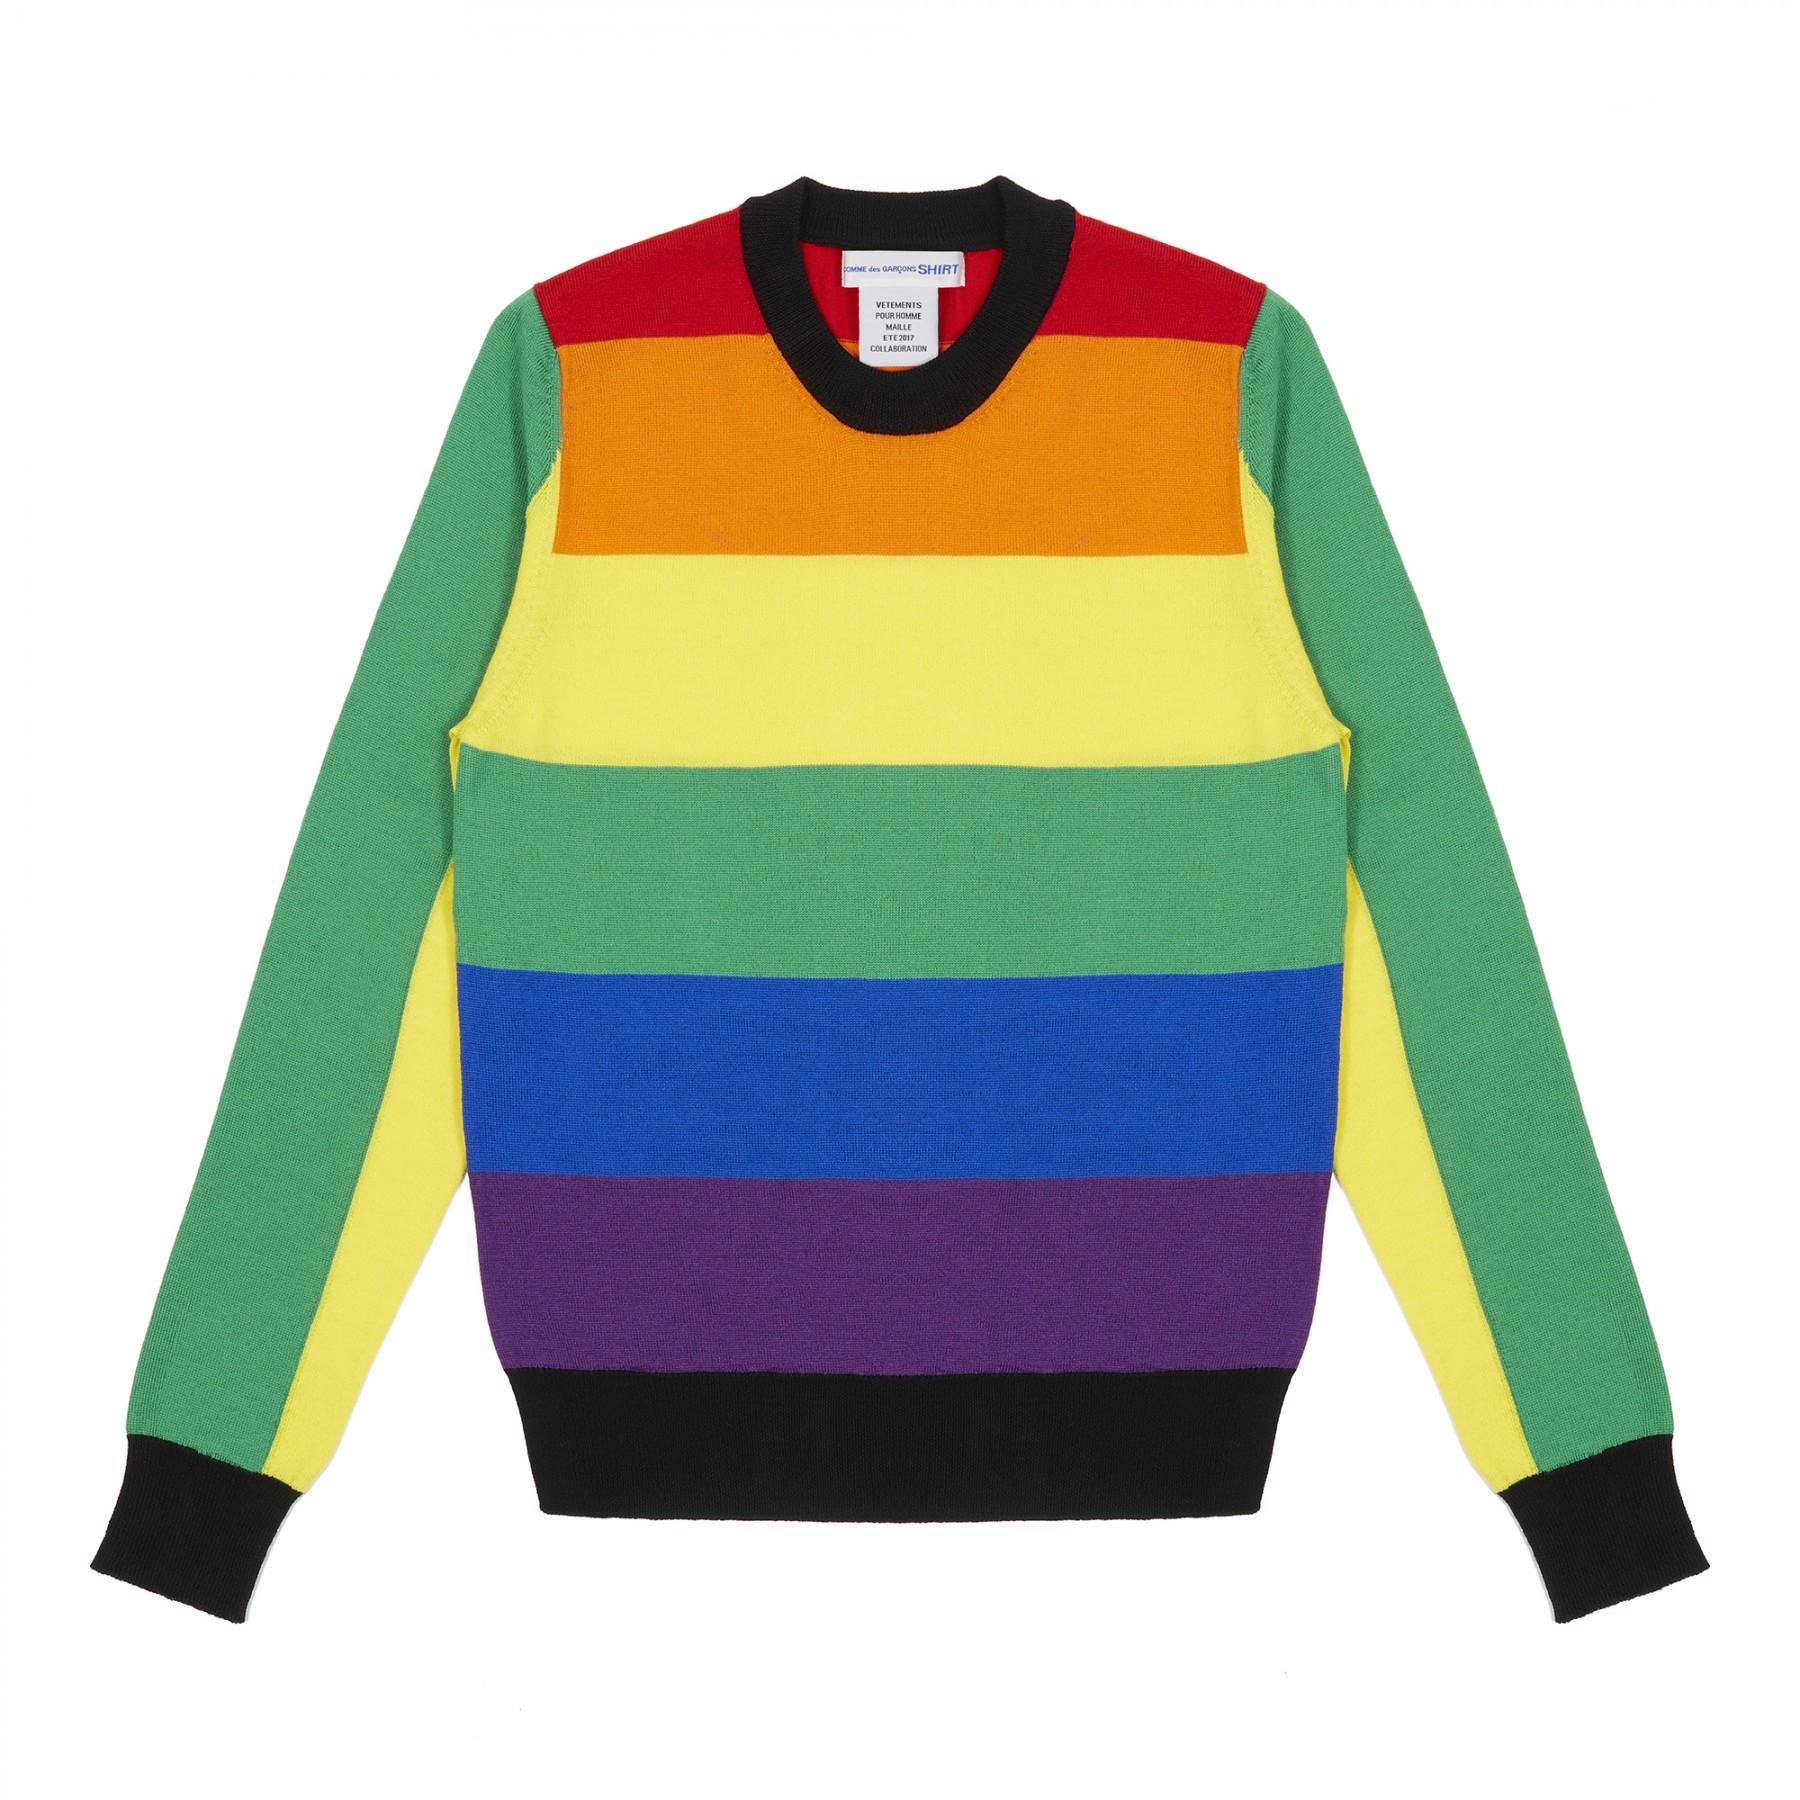 cdg_vetements_gay_1.jpg